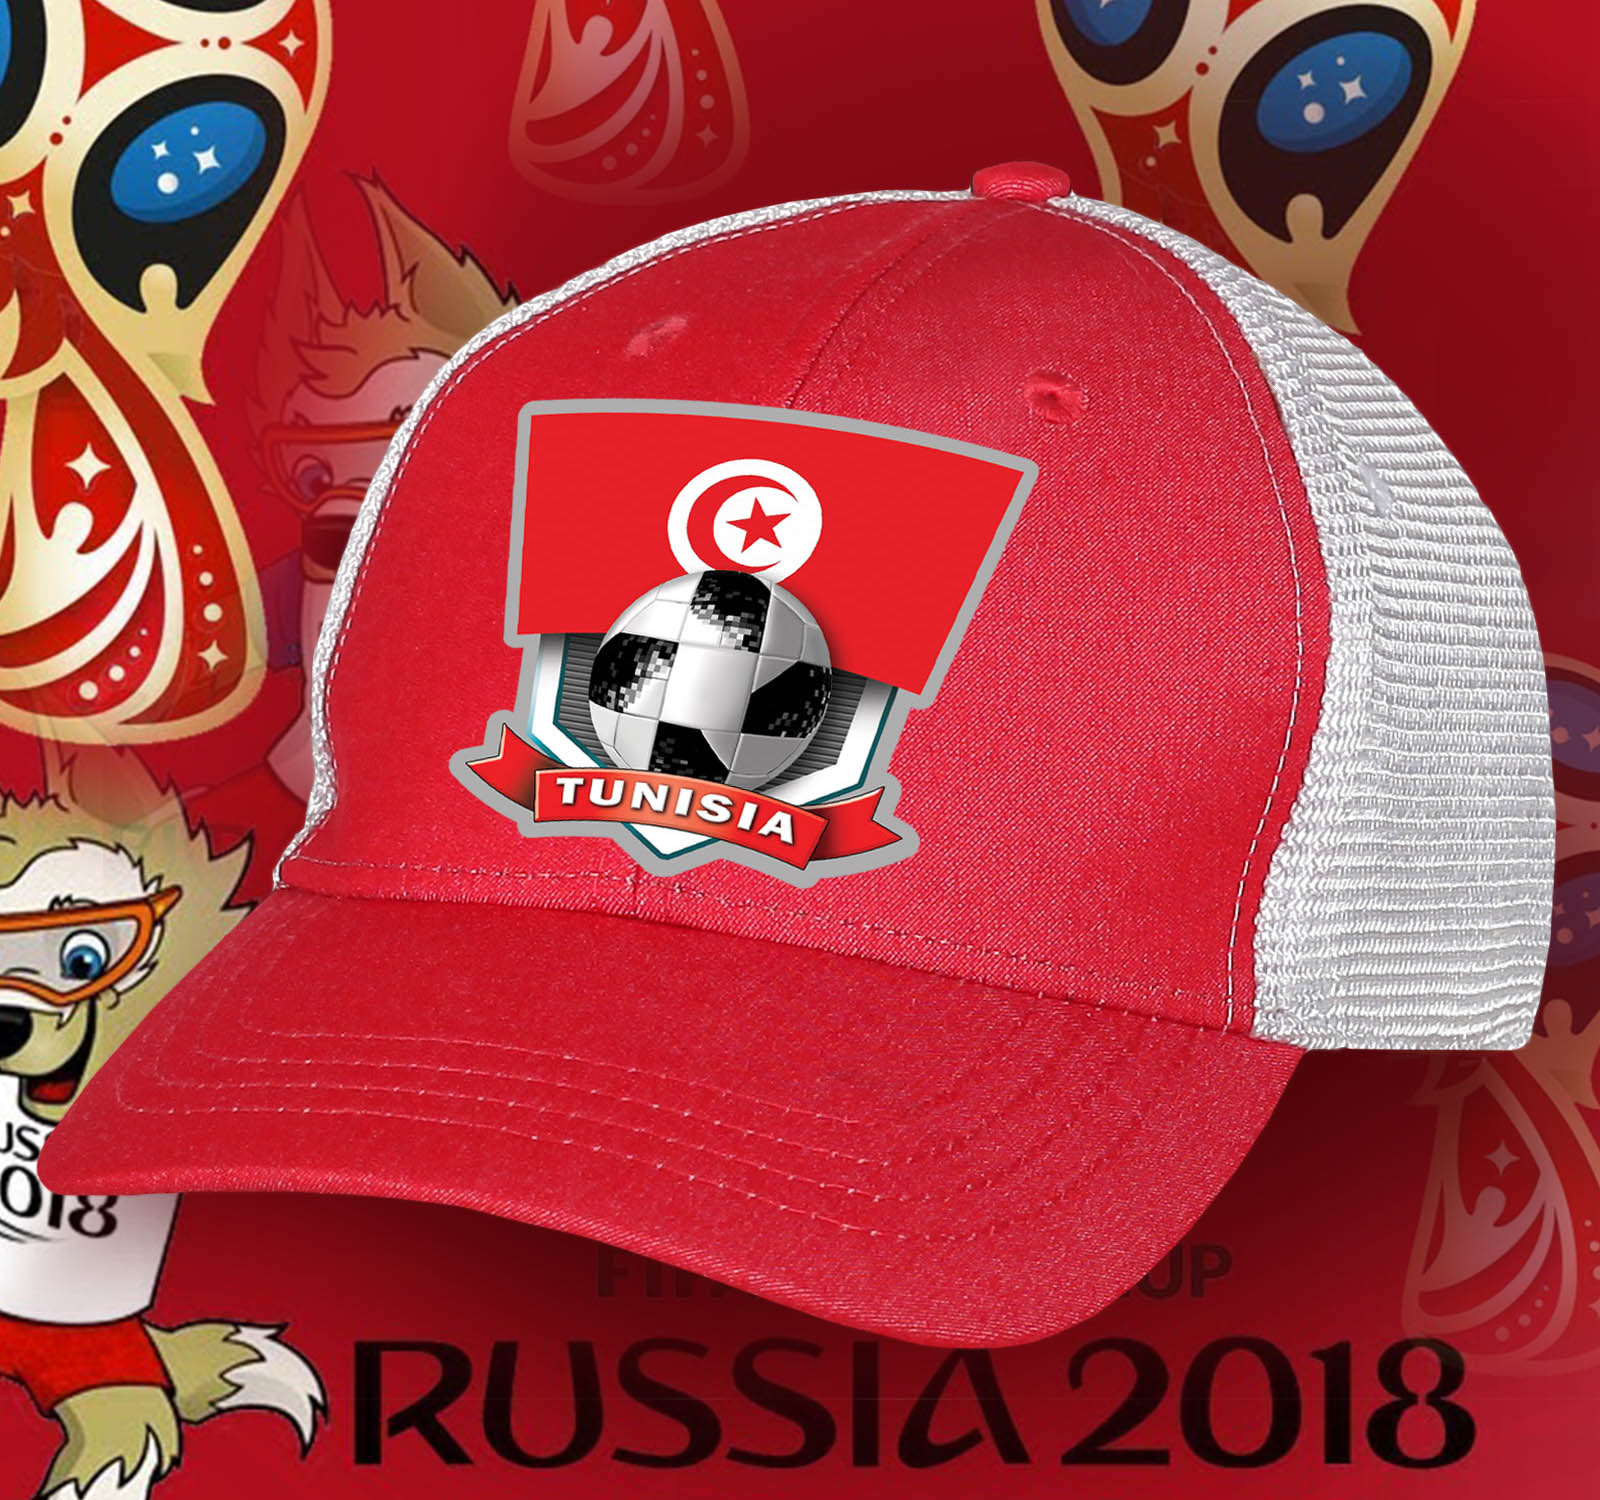 Топовая фанатская бейсболка Tunisia